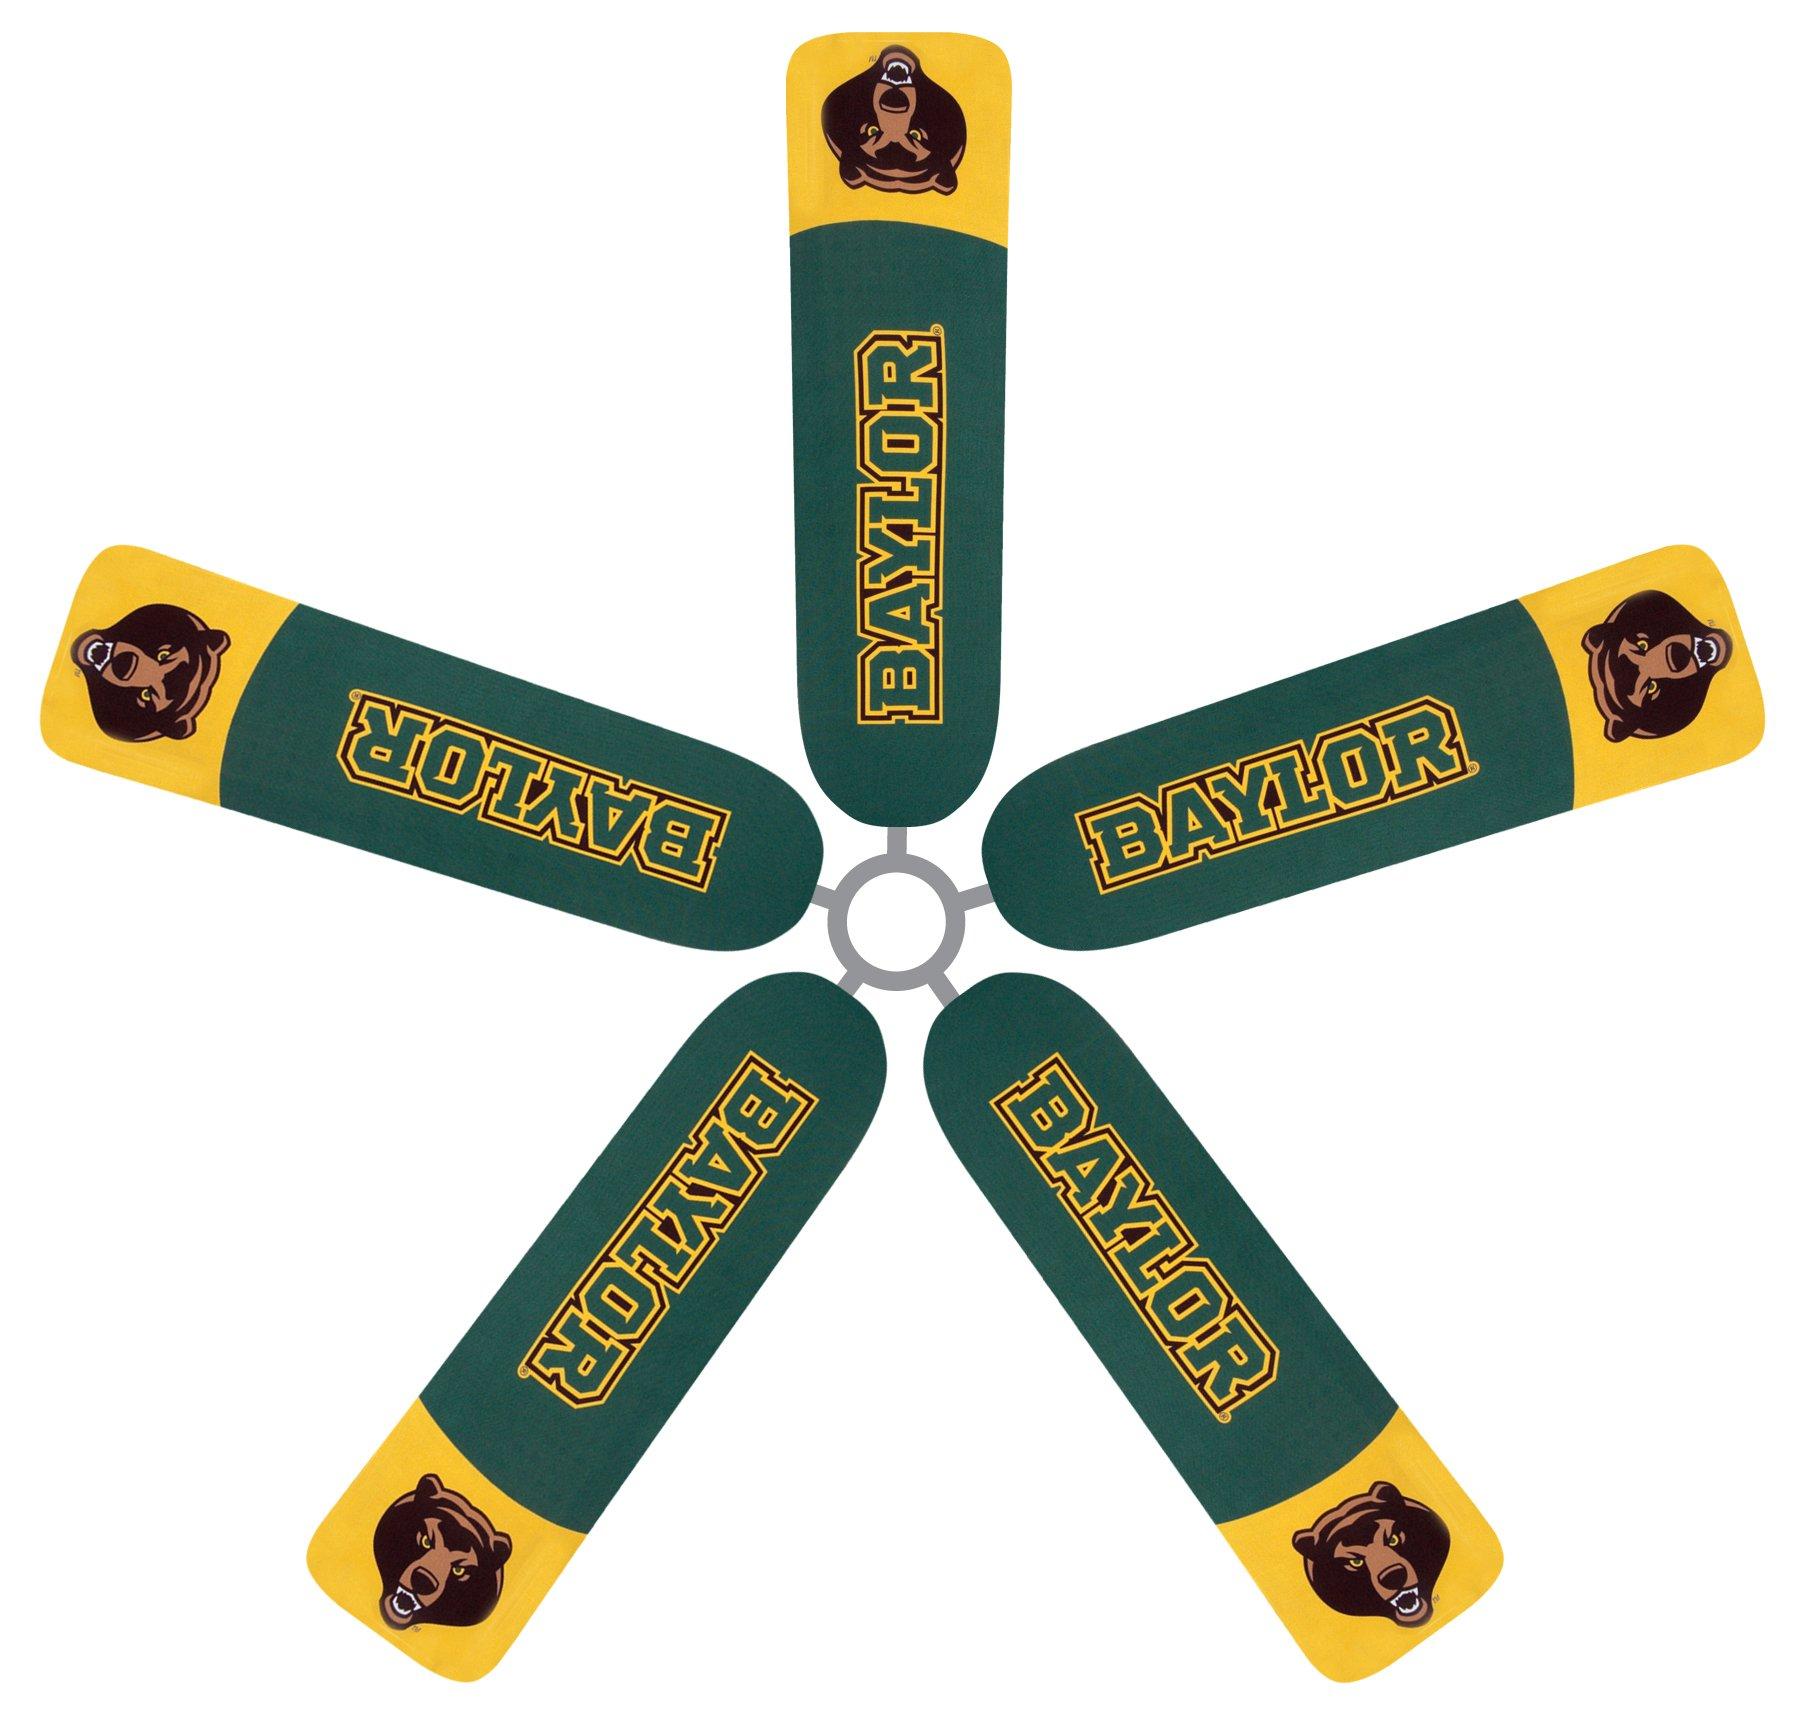 Fan Blade Designs Baylor University Ceiling Fan Blade Covers